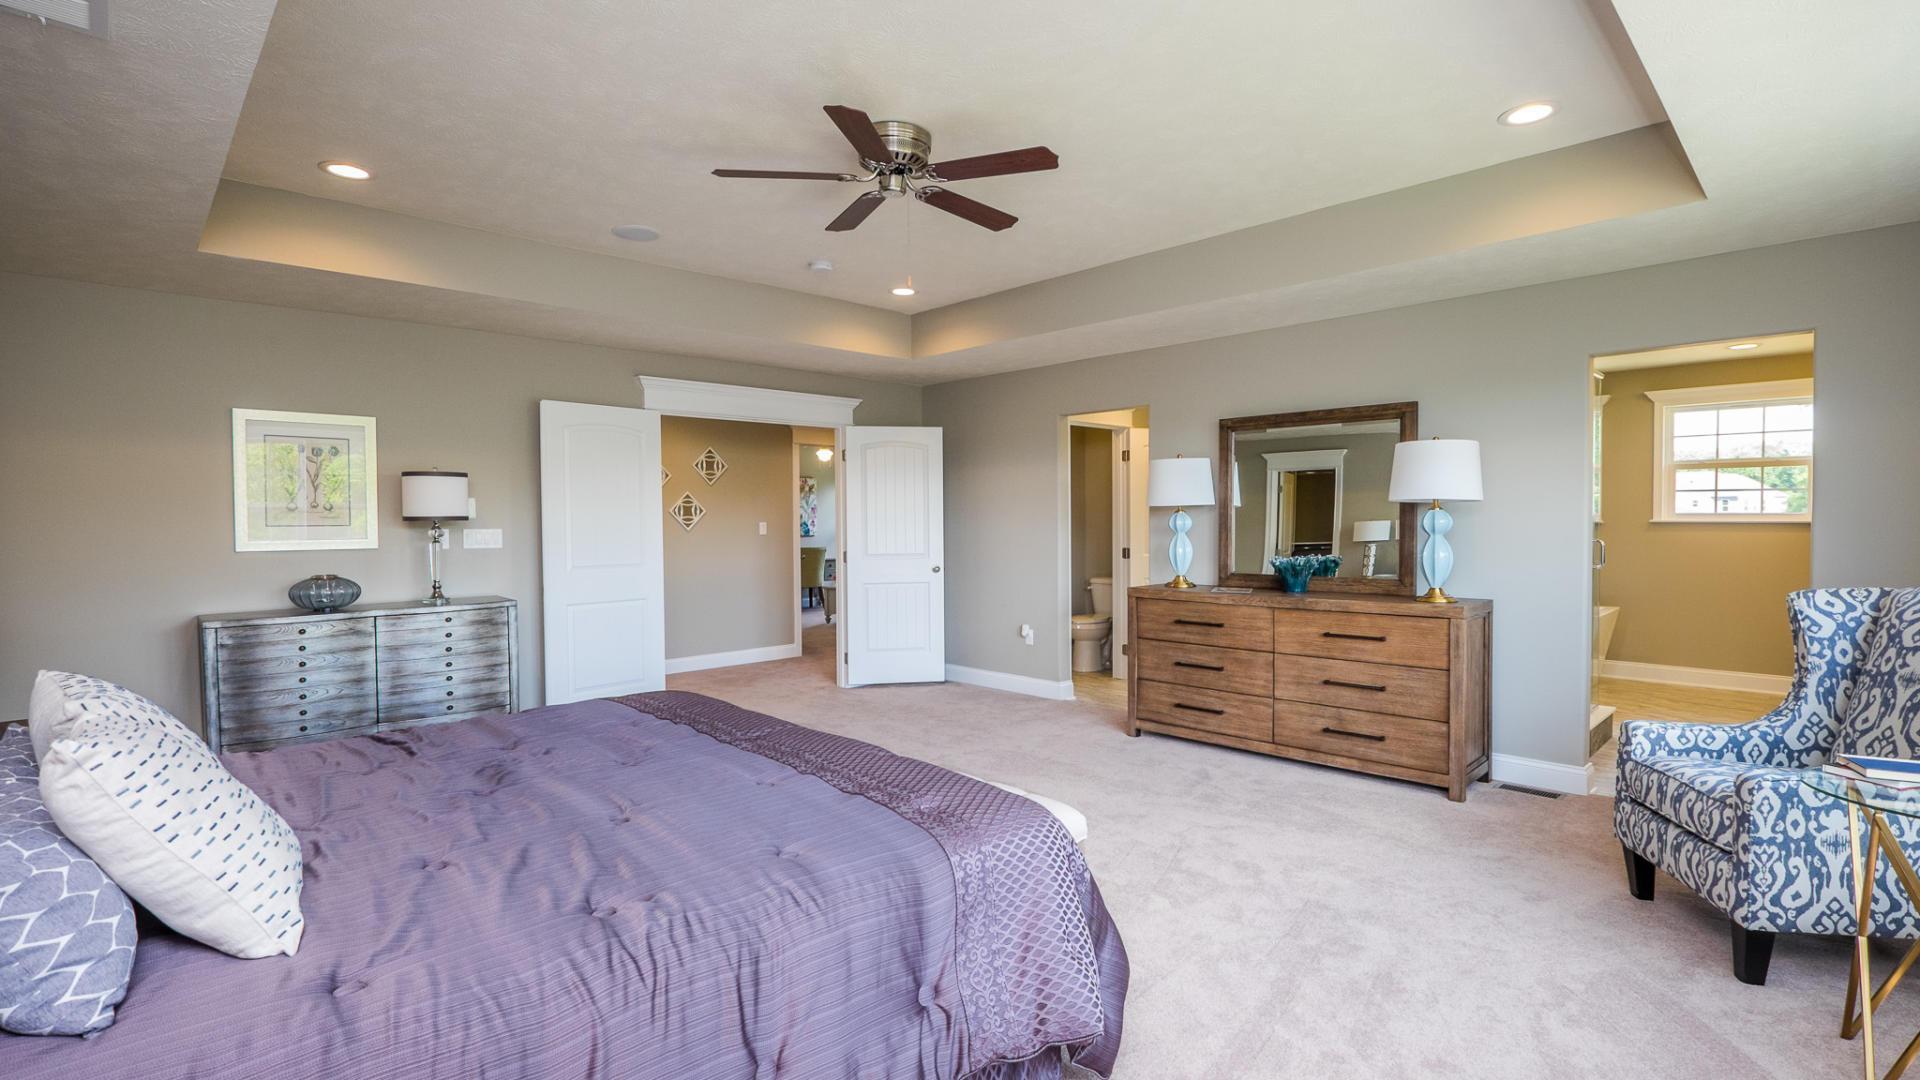 Bedroom featured in the Eisenhower By Maronda Homes in Cincinnati, OH